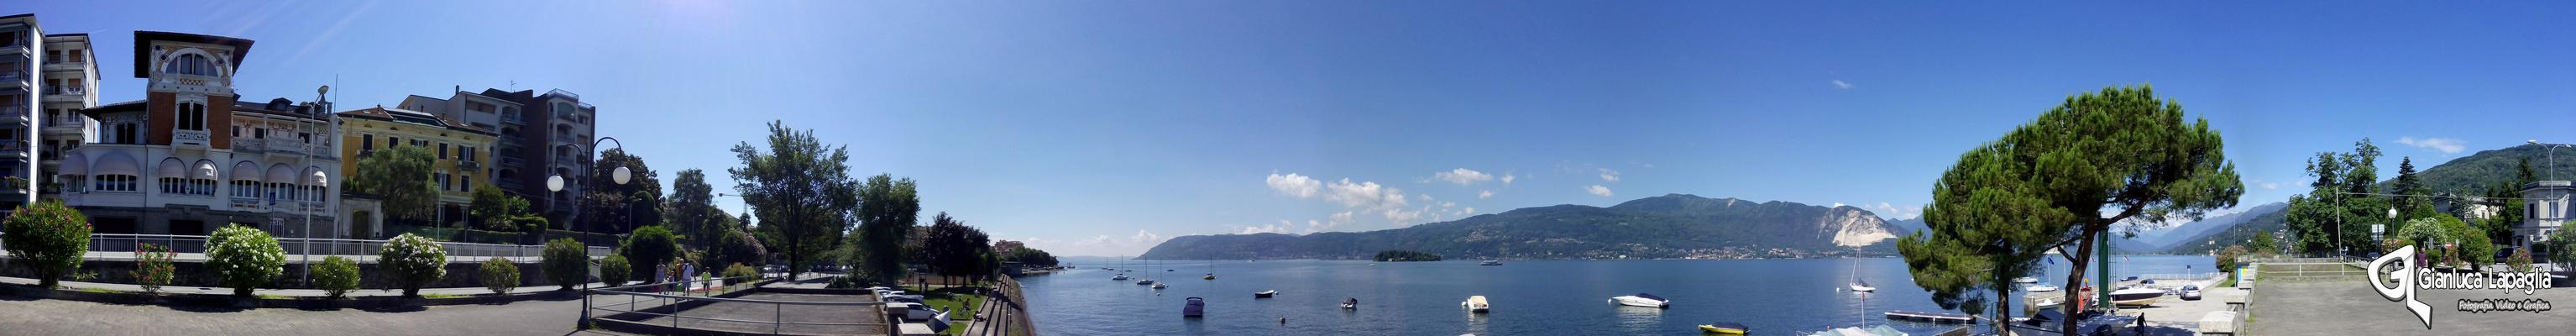 Verbania, Pallanza, Lago Maggiore